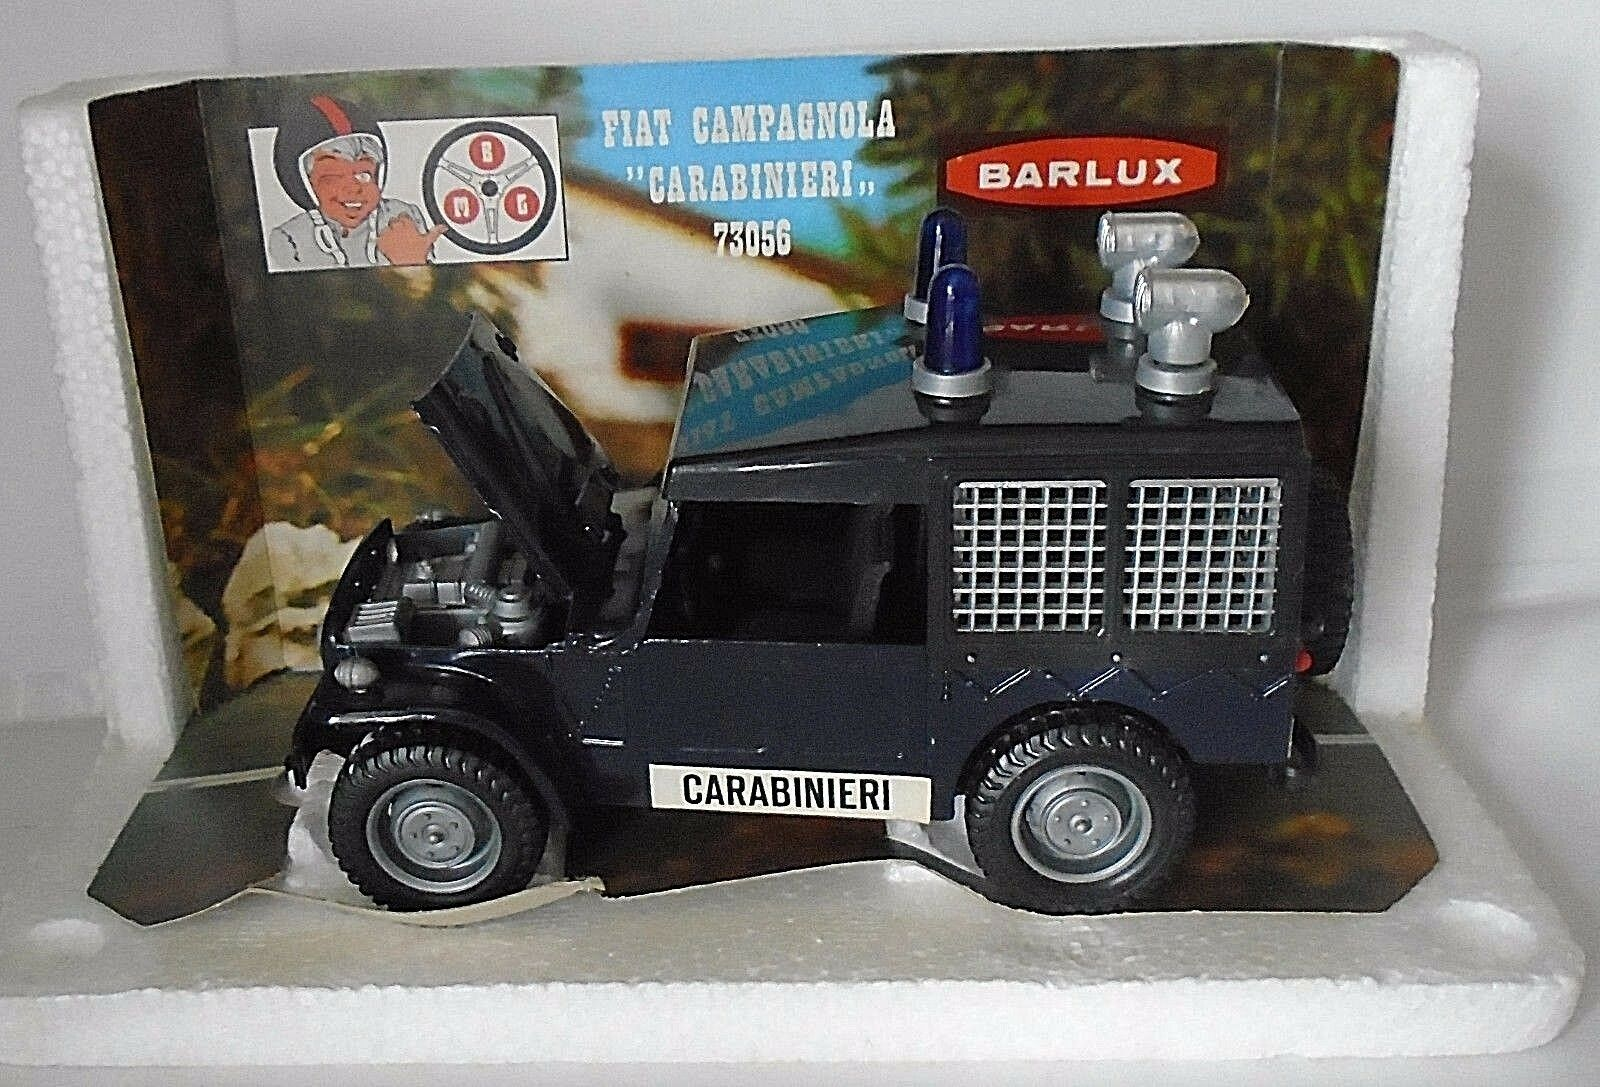 Fiat Campagnola Carabineros Barlux 73056 Made in  1 25 escala Diecast